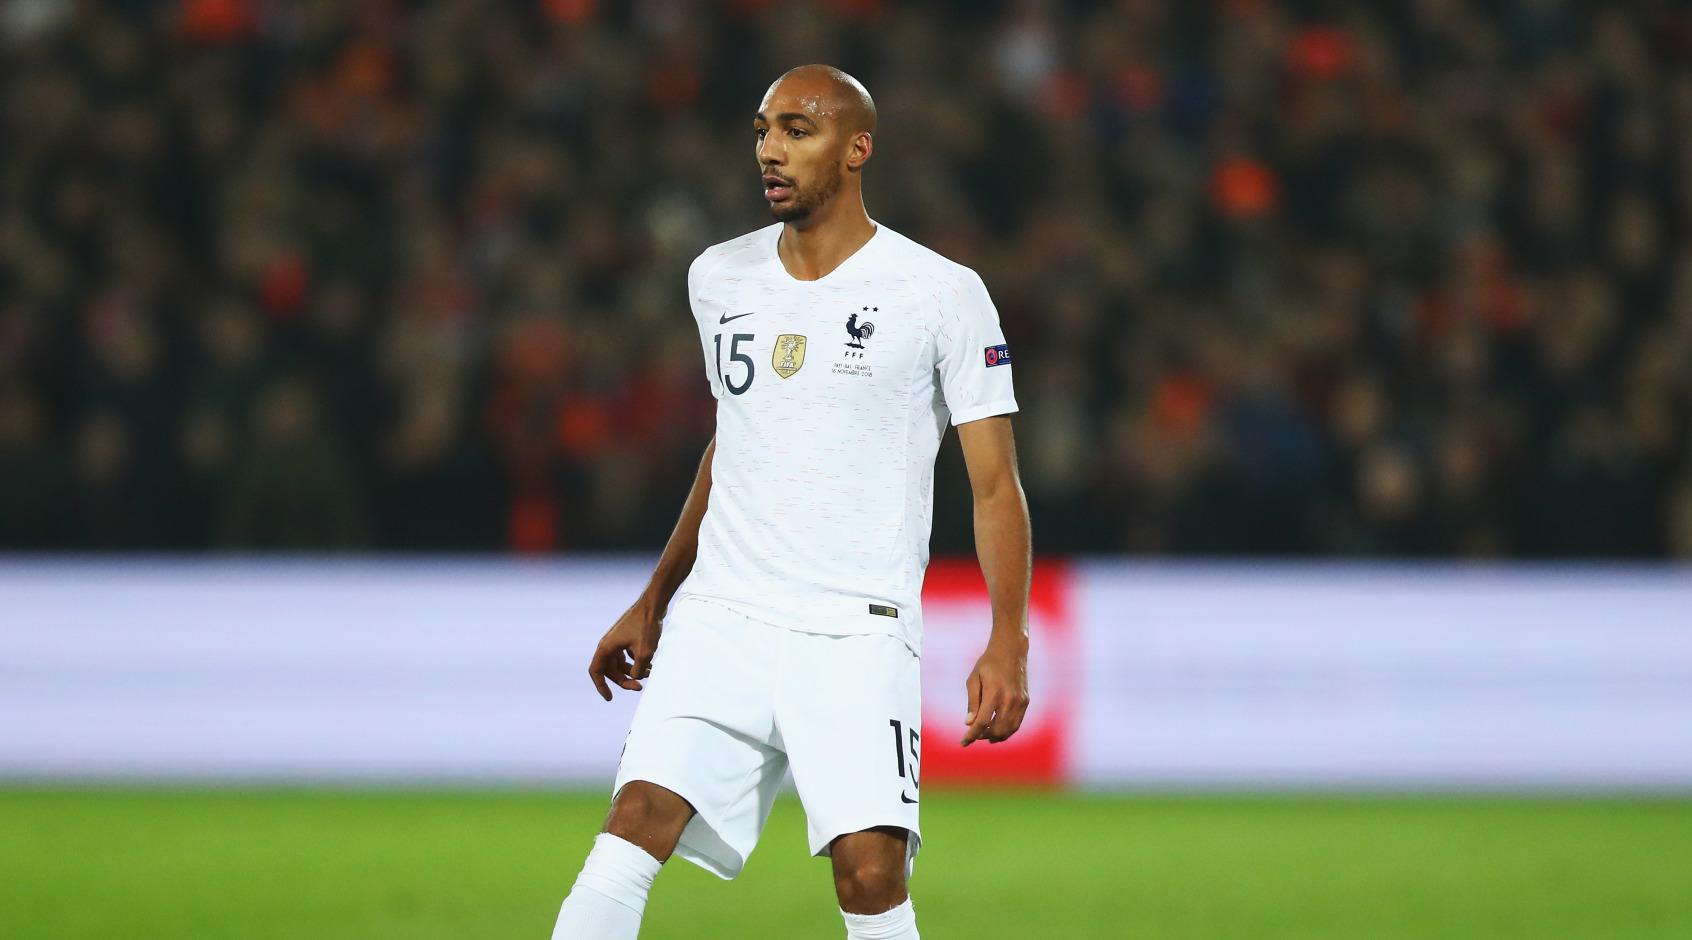 Еще один звездный полузащитник переезжает в Катар